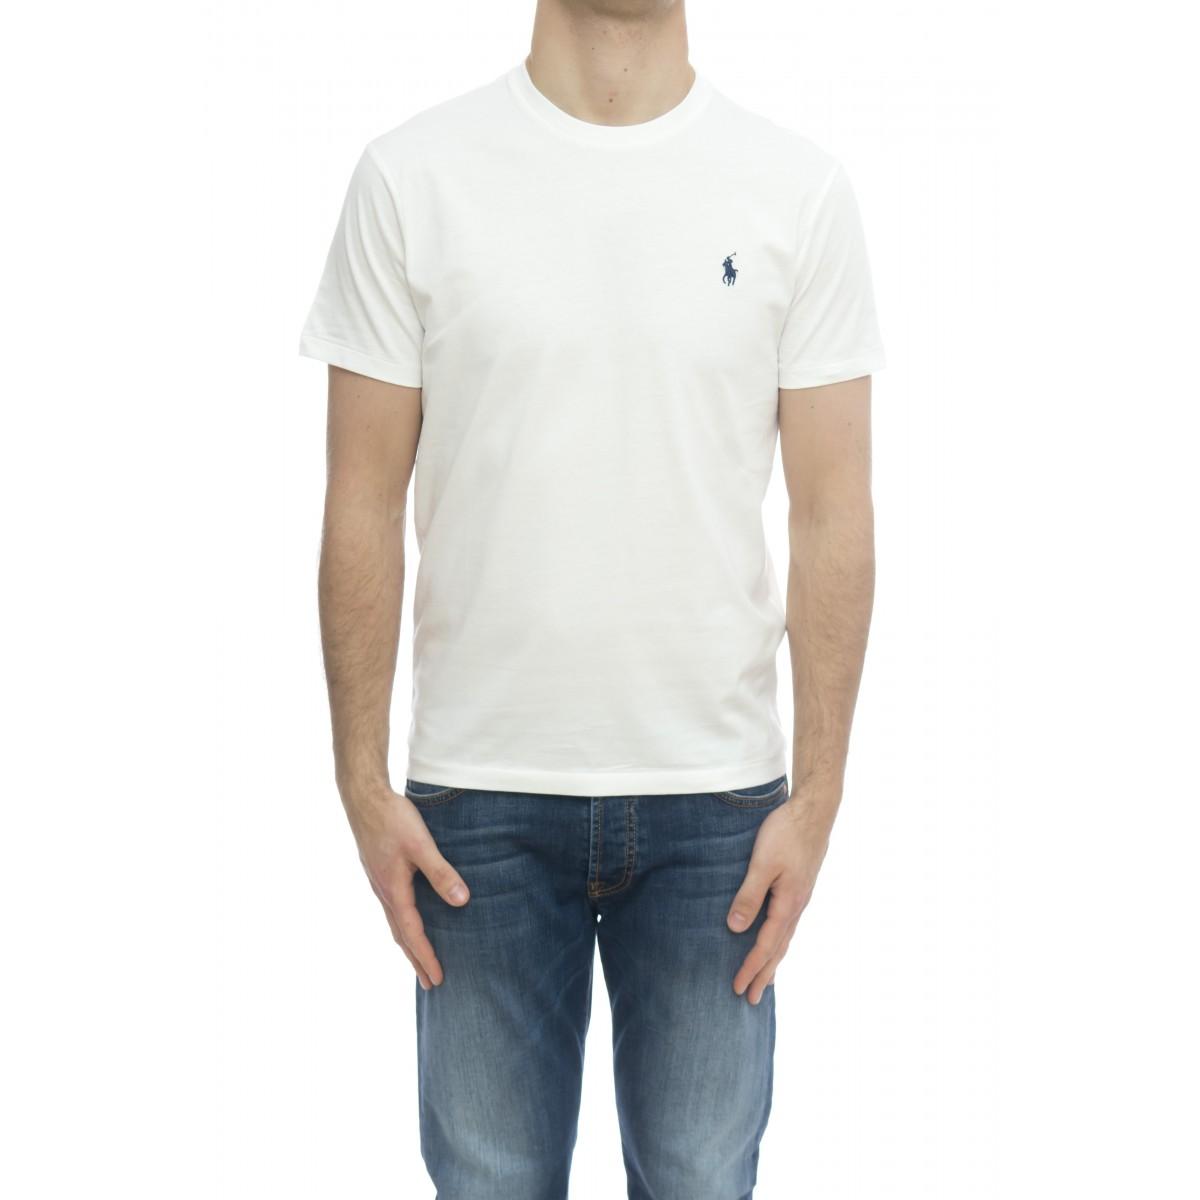 T-shirt - 680785 t.-shirt